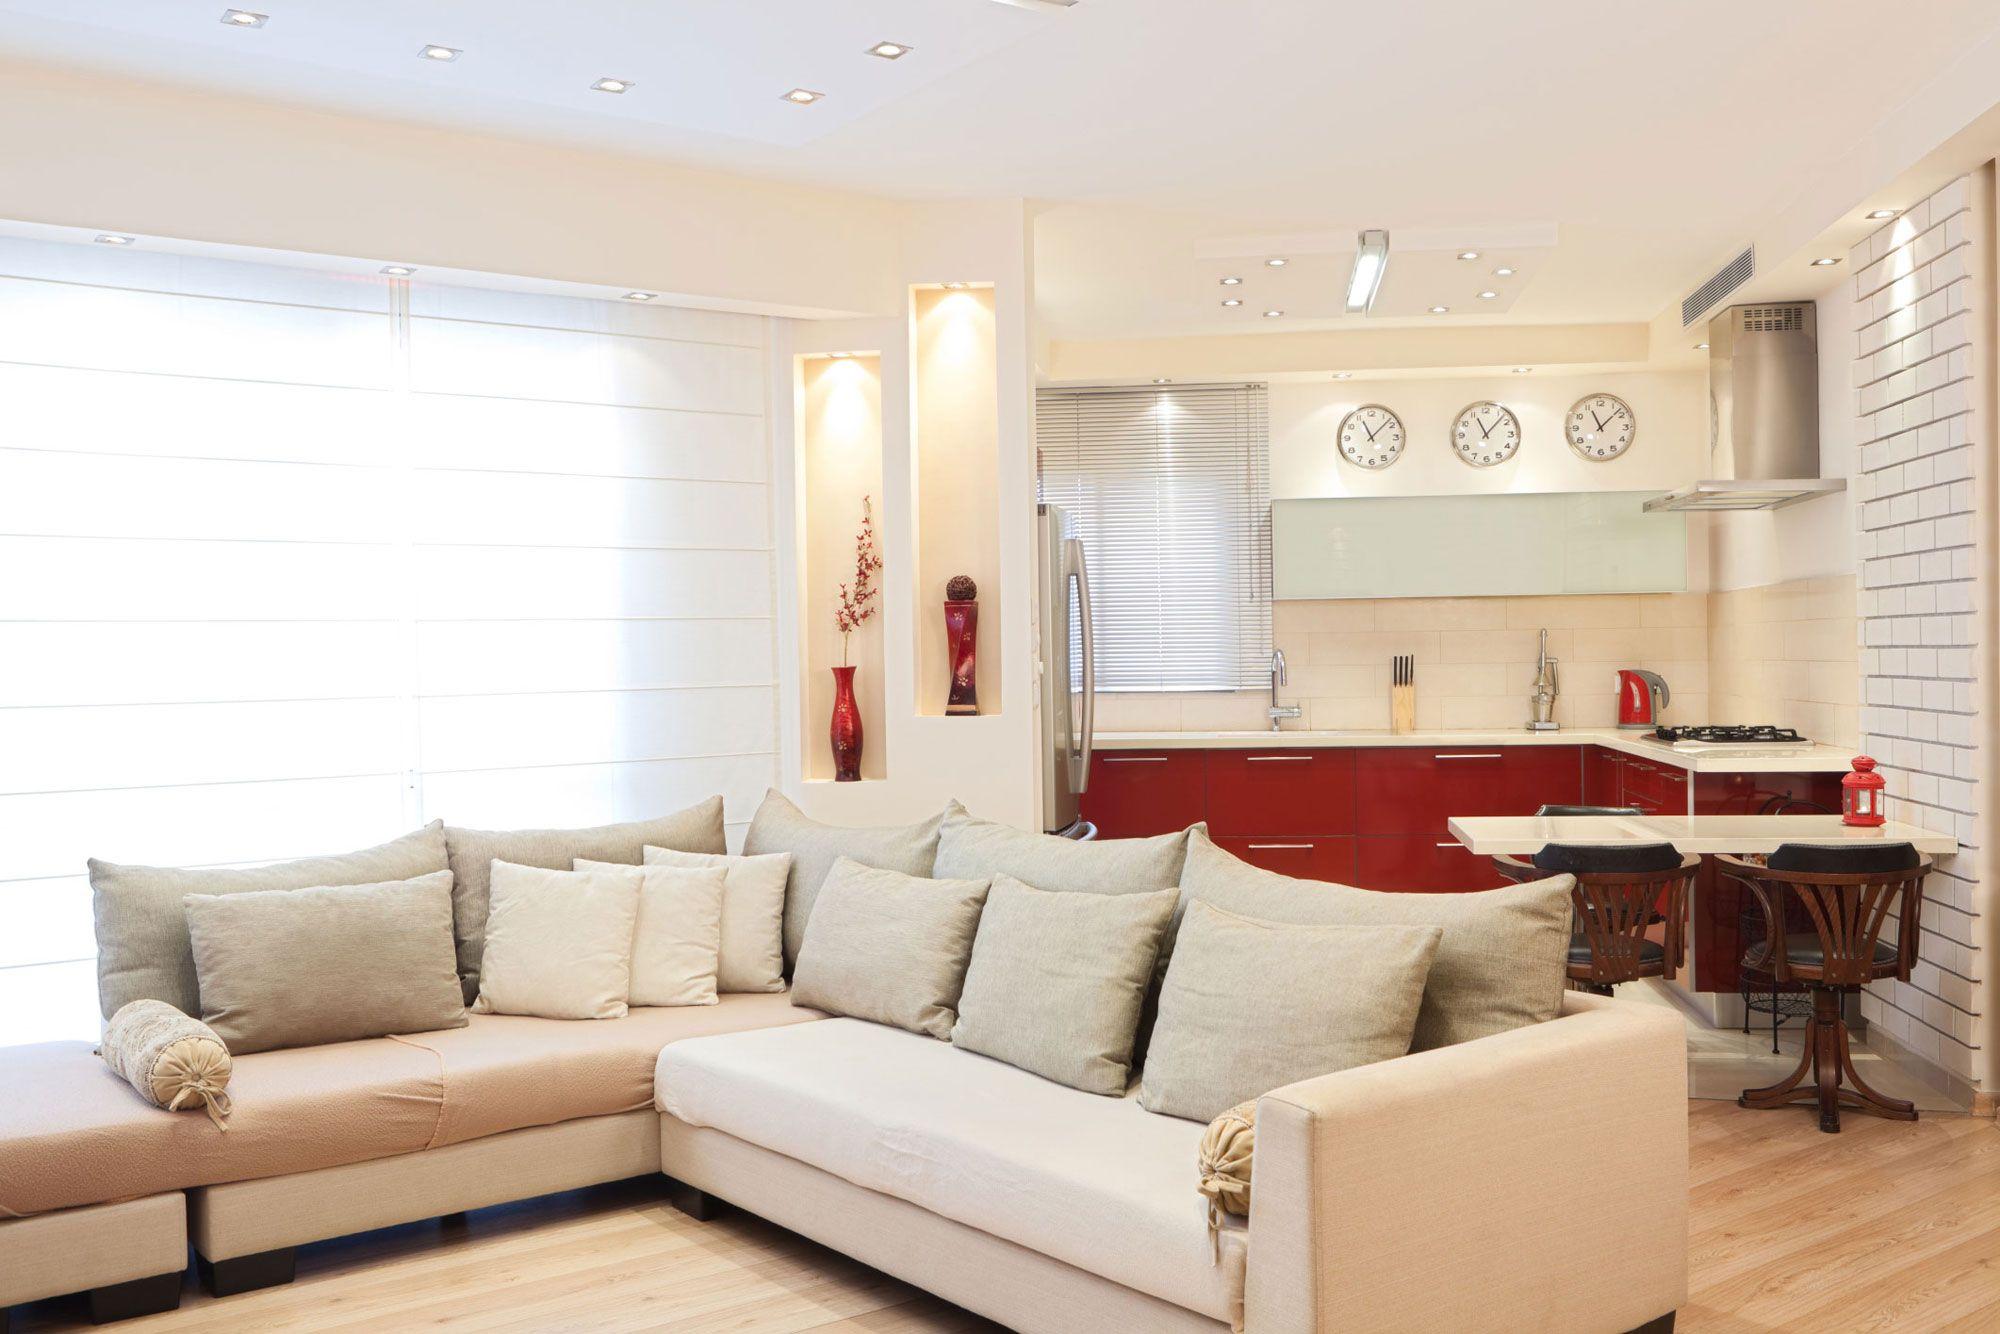 Cocina luminosa blanca y roja abierta al salón